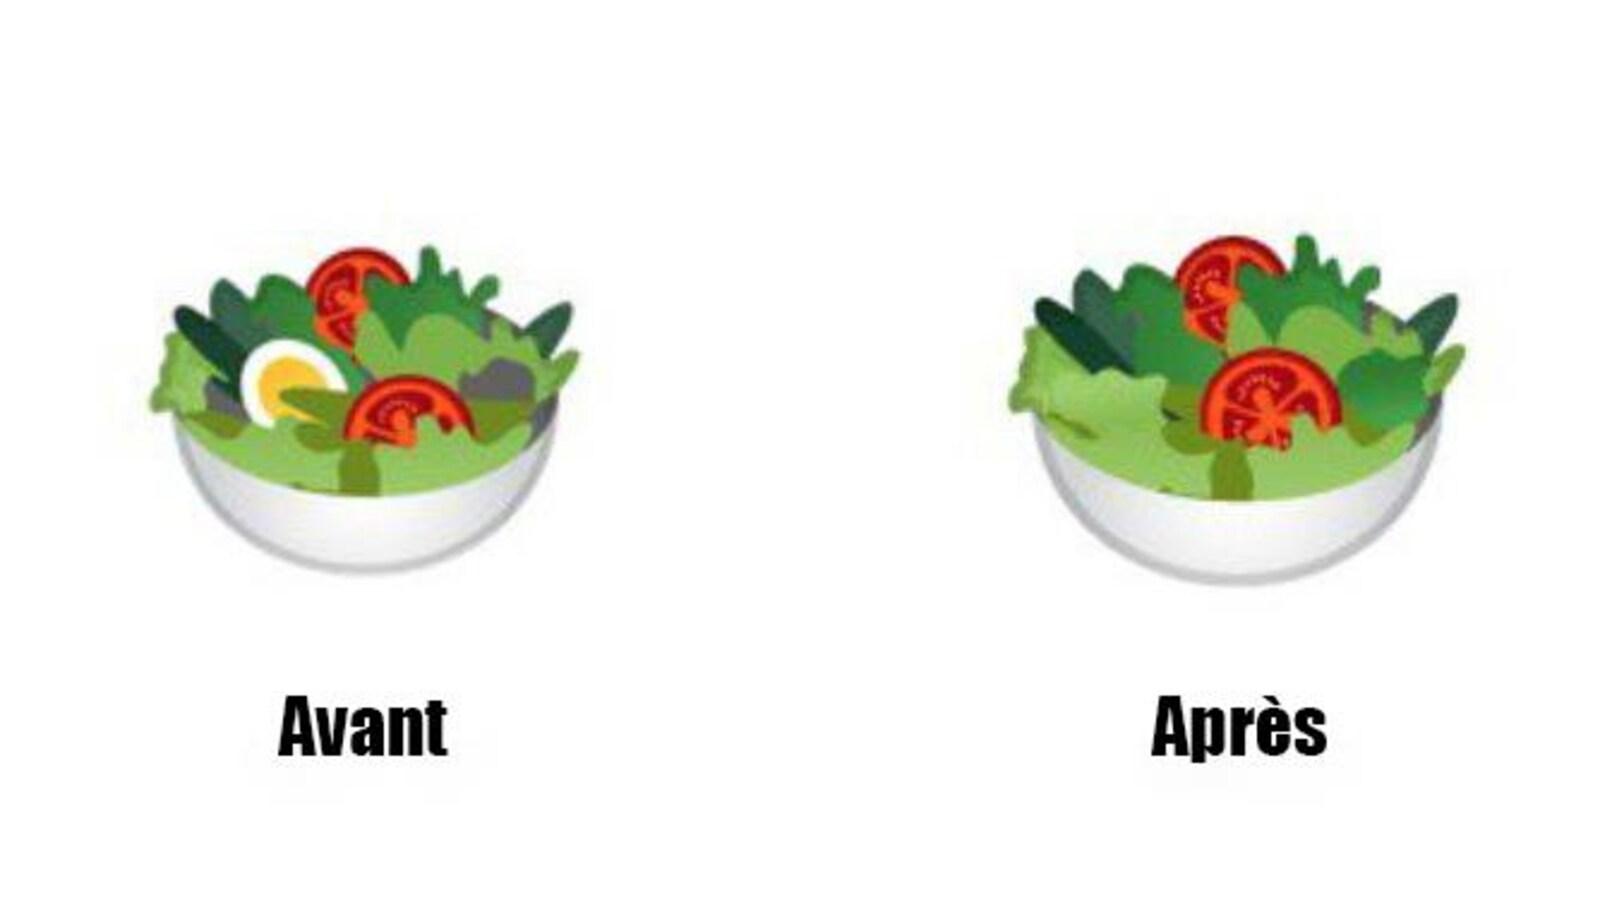 Une illustration montrant une deux salades côte à côte. La première porte la mention « avant » et un oeuf est placé dans la salade. La deuxième n'a plus d'oeuf et porte la mention « après ».